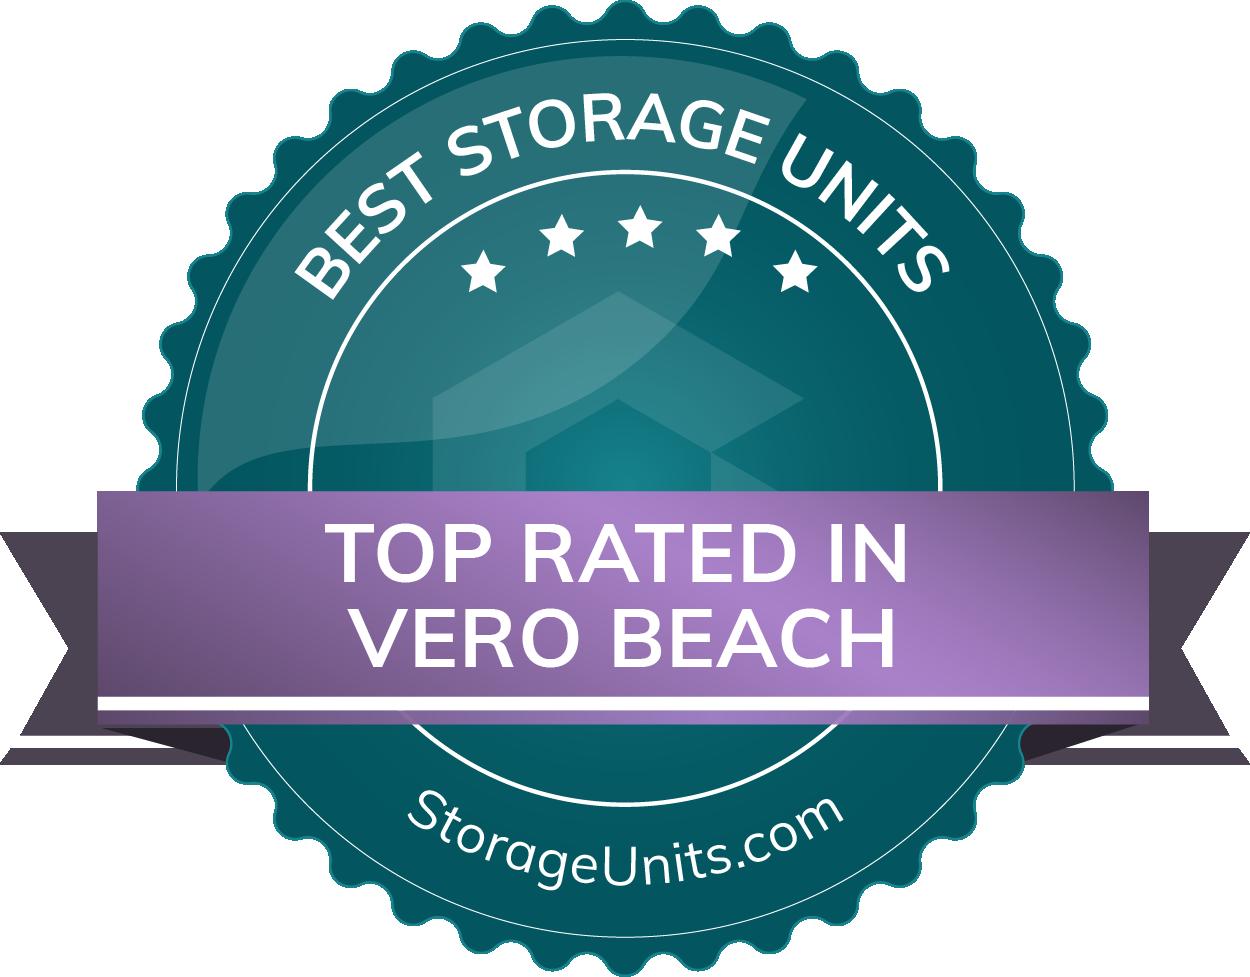 Best Self Storage Units in Vero Beach, FL